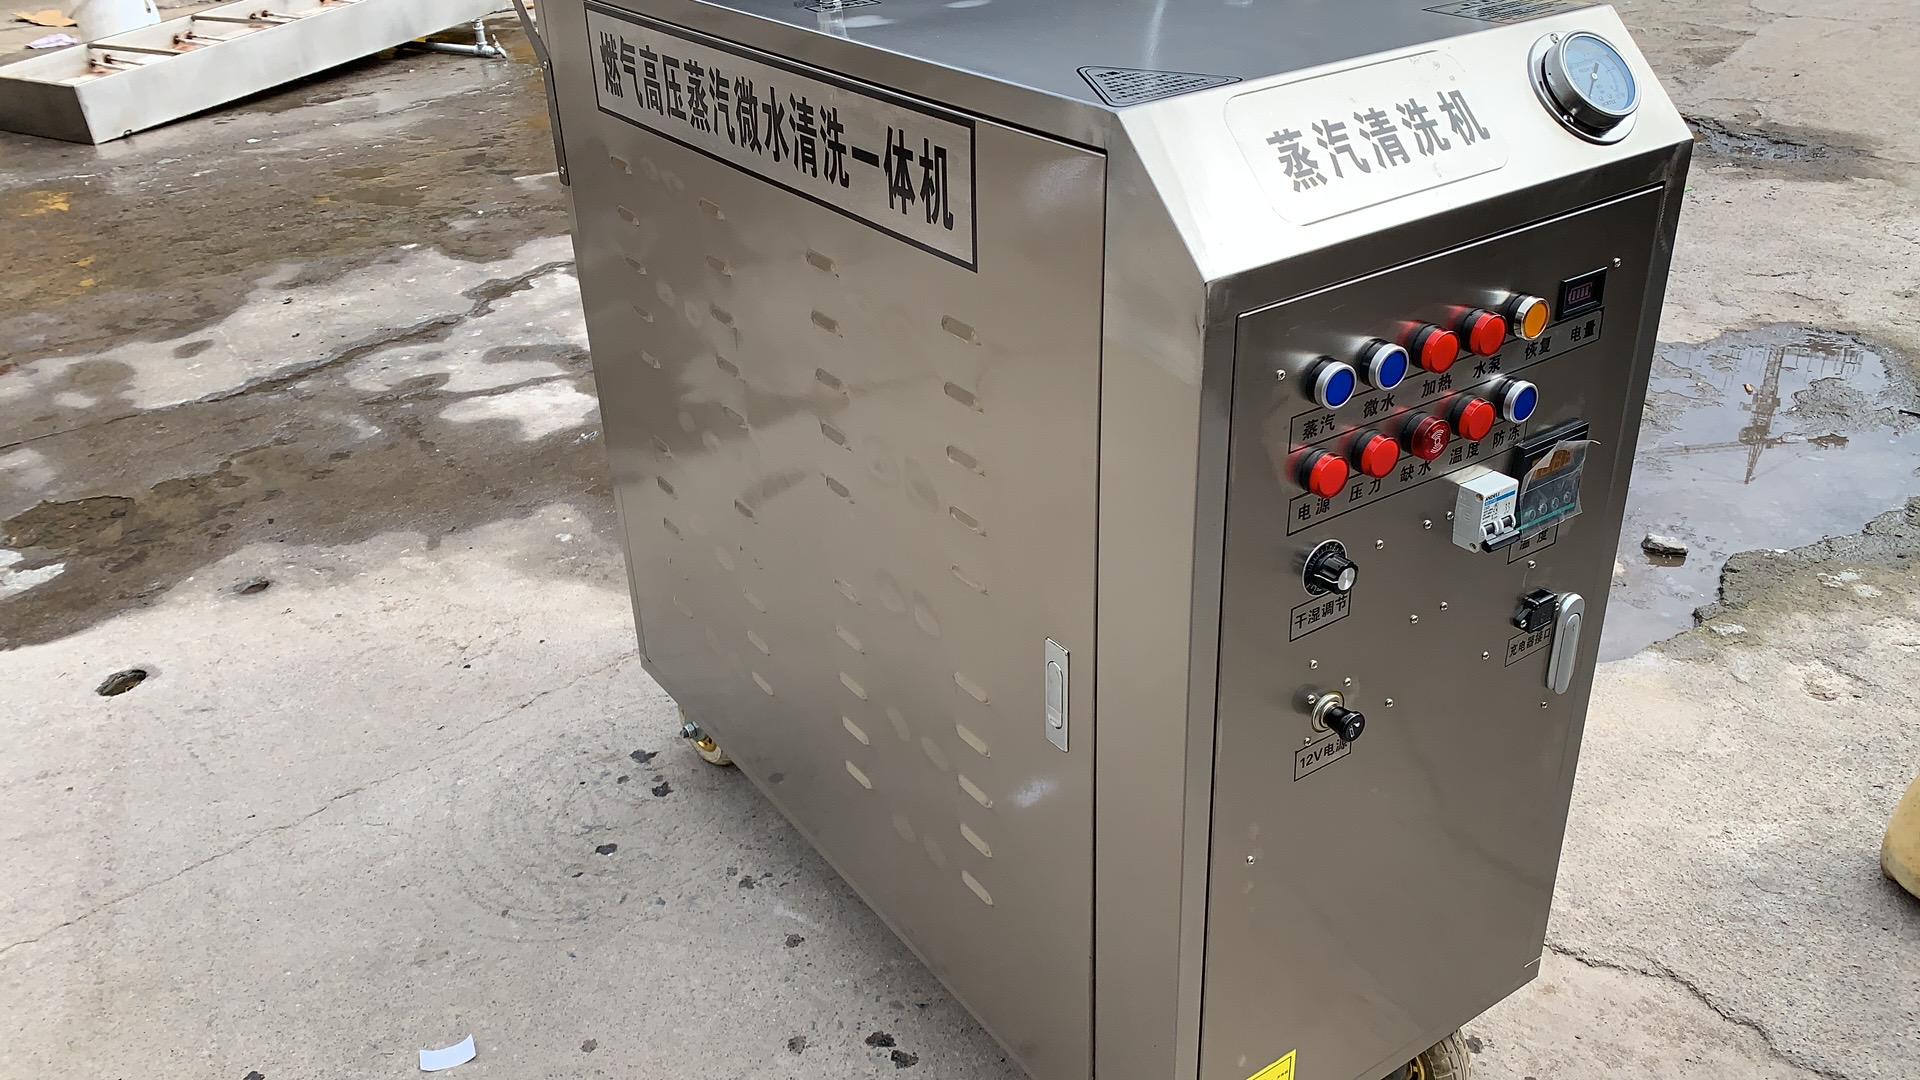 沐鸣2平台资讯蒸汽洗车机的市场优势和适用场所